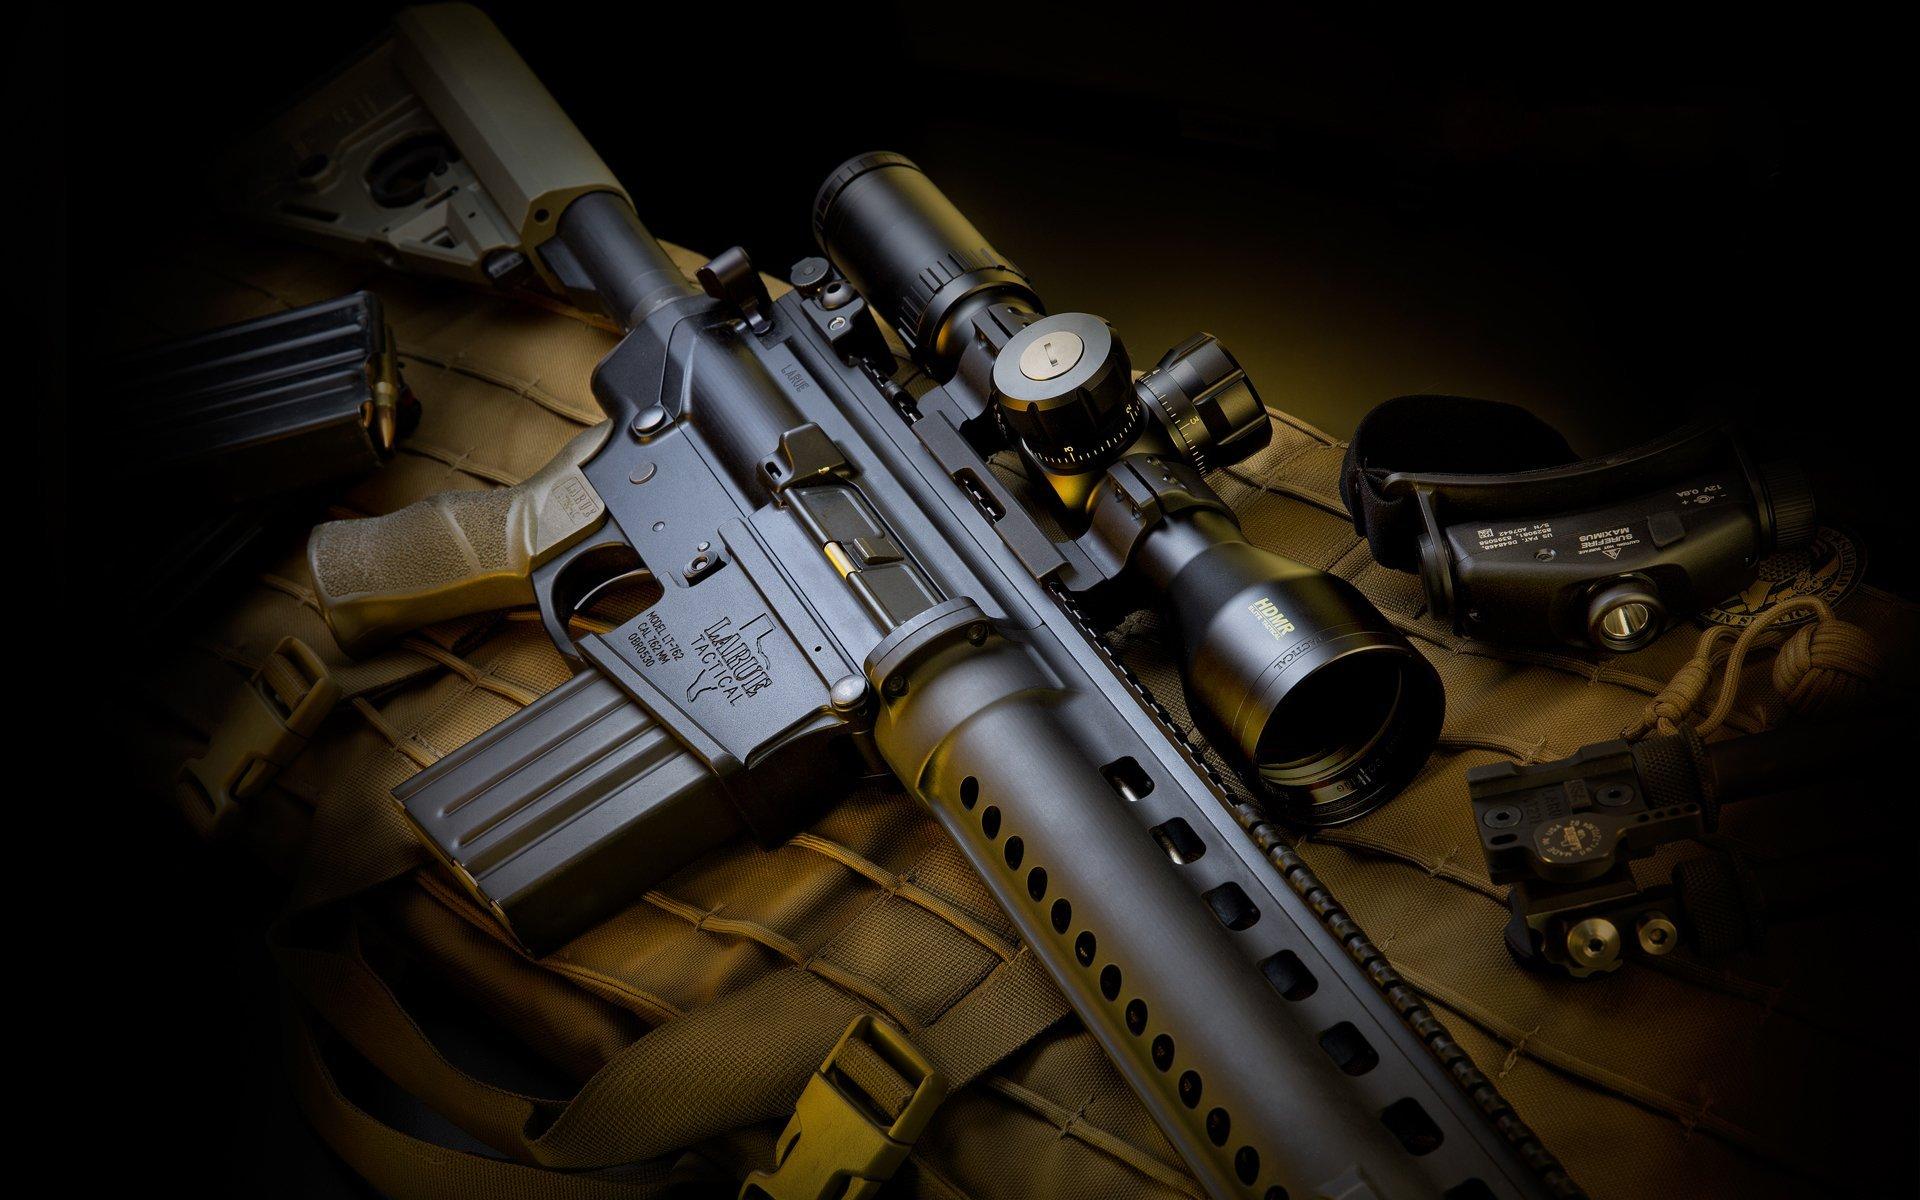 LaRue Assault Rifle wallpapers, Weapons, HQ LaRue Assault ...